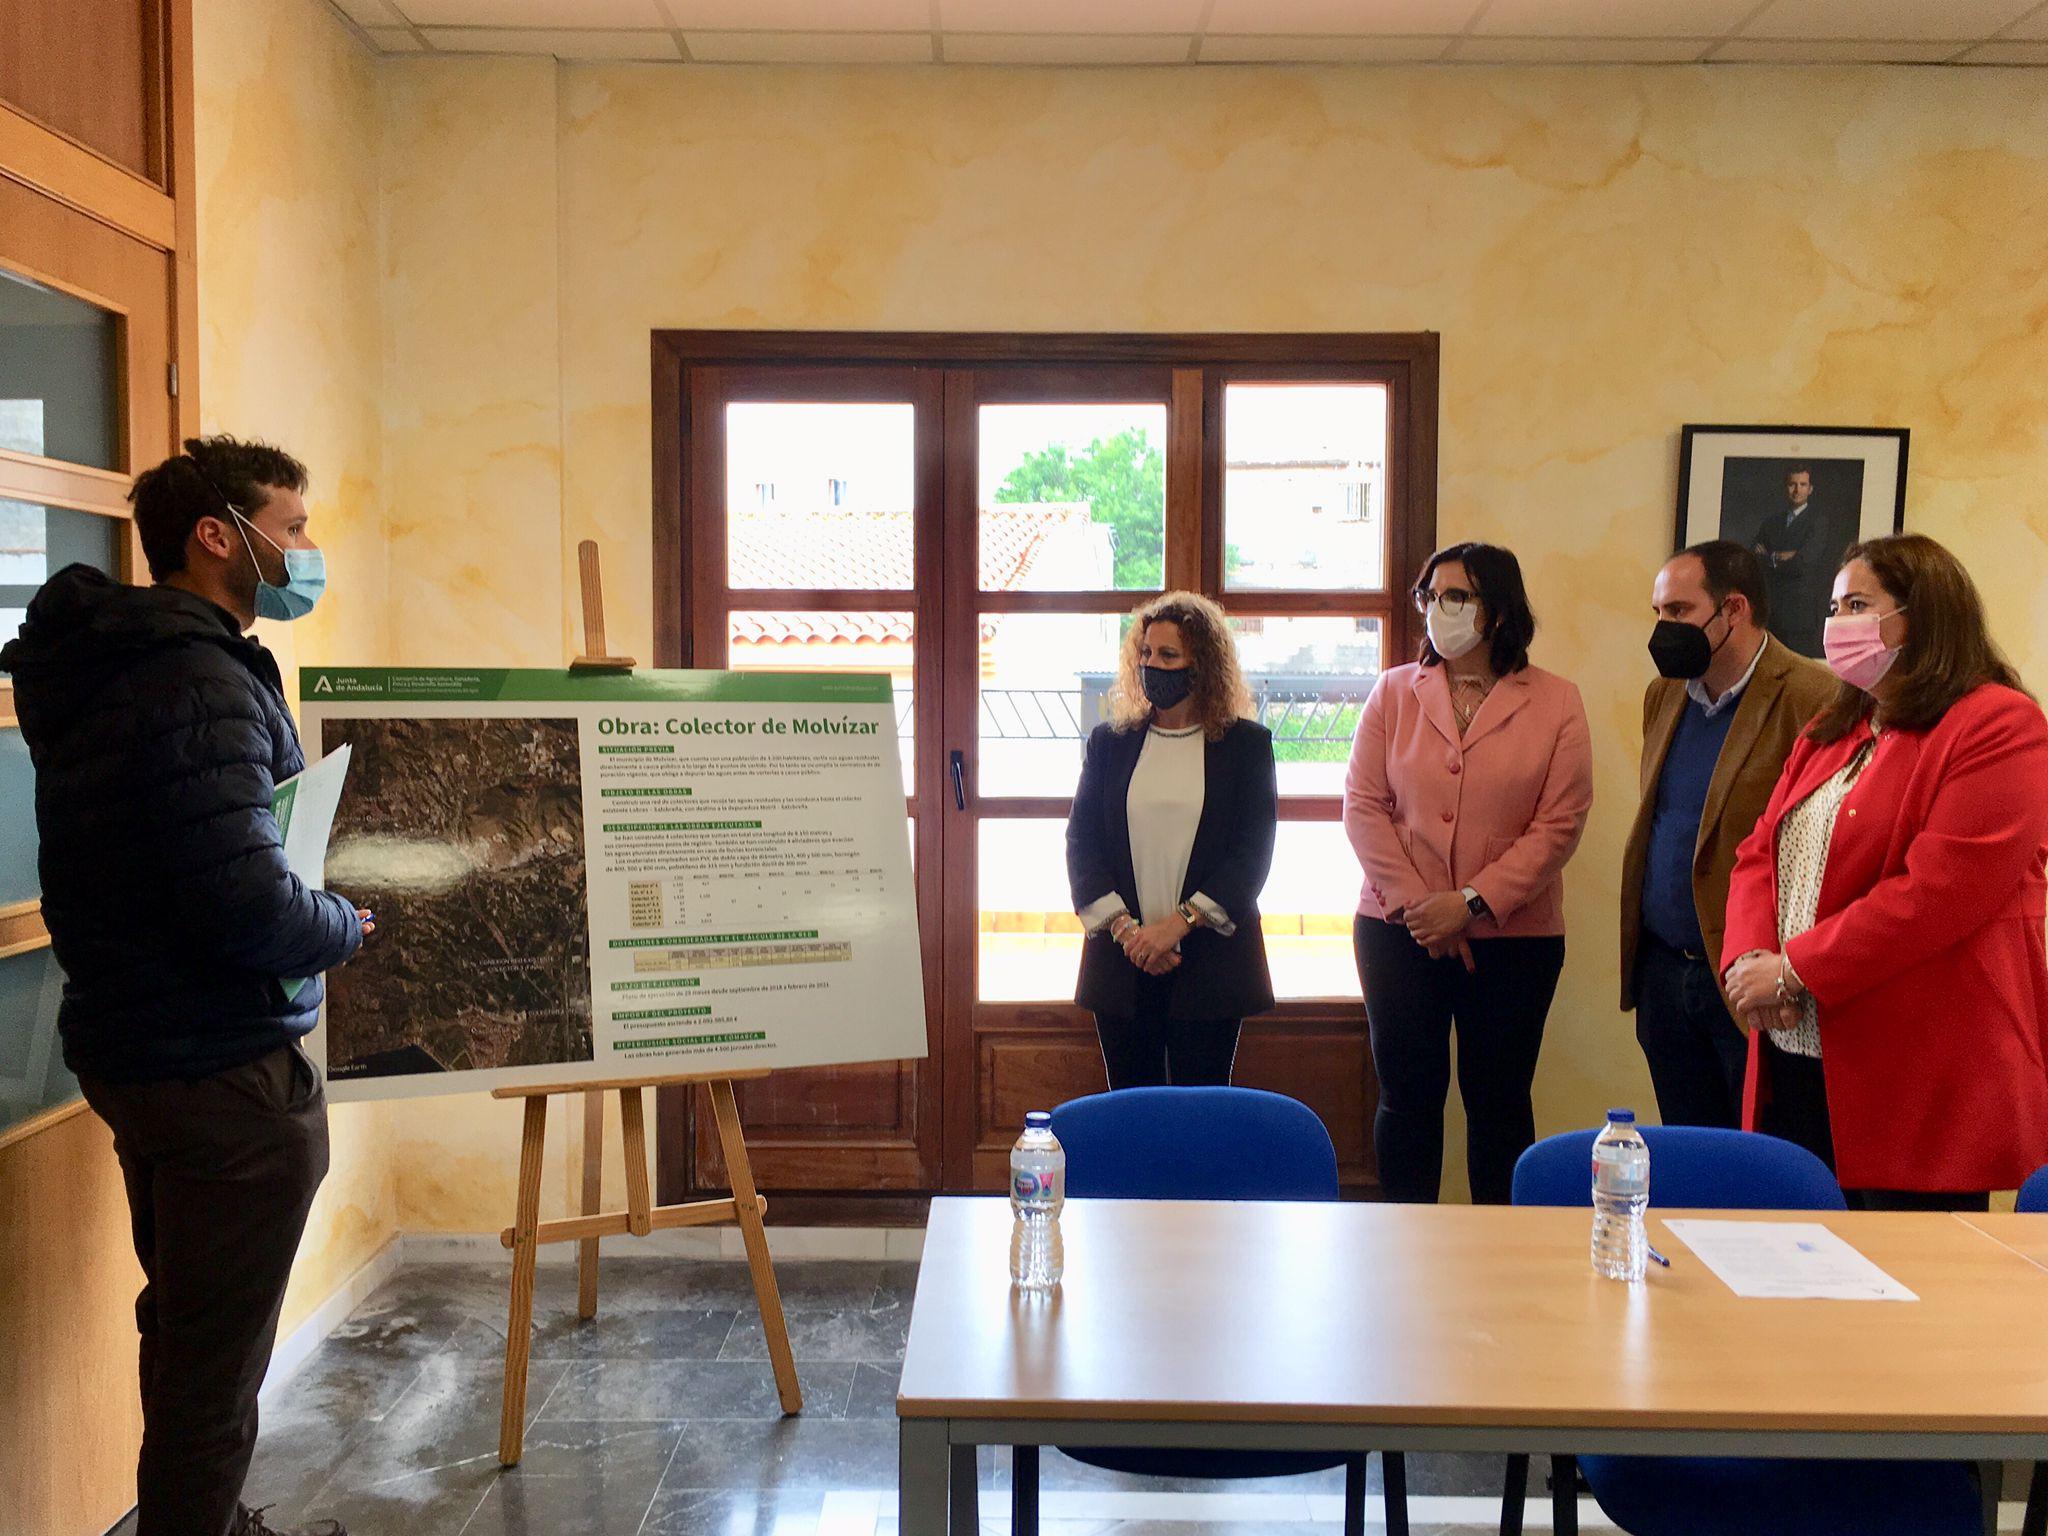 Concluyen las obras del nuevo colector de aguas residuales de Molvízar